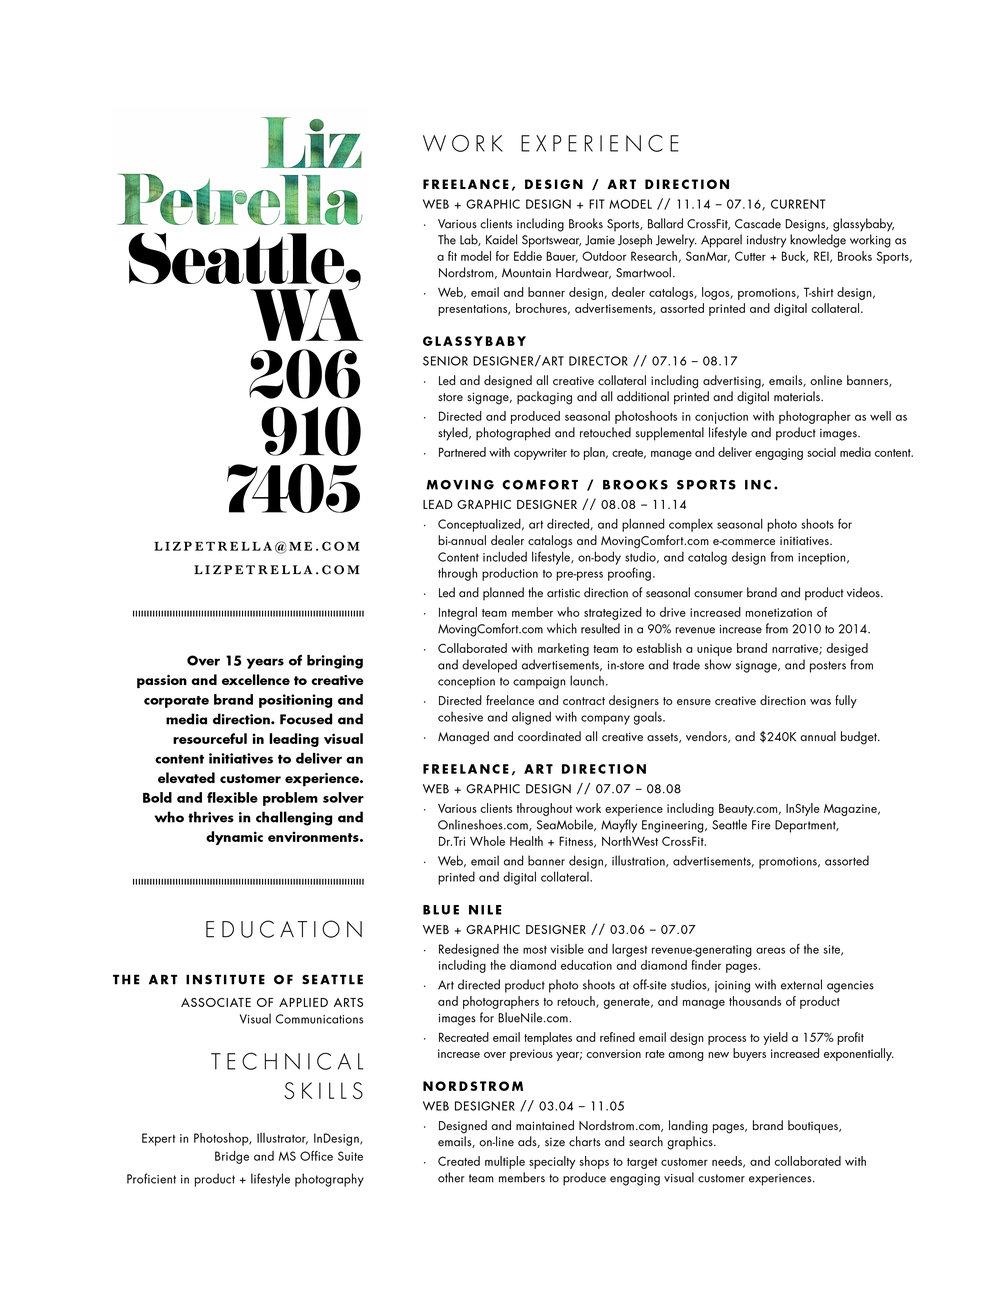 Resume — lizpetrella